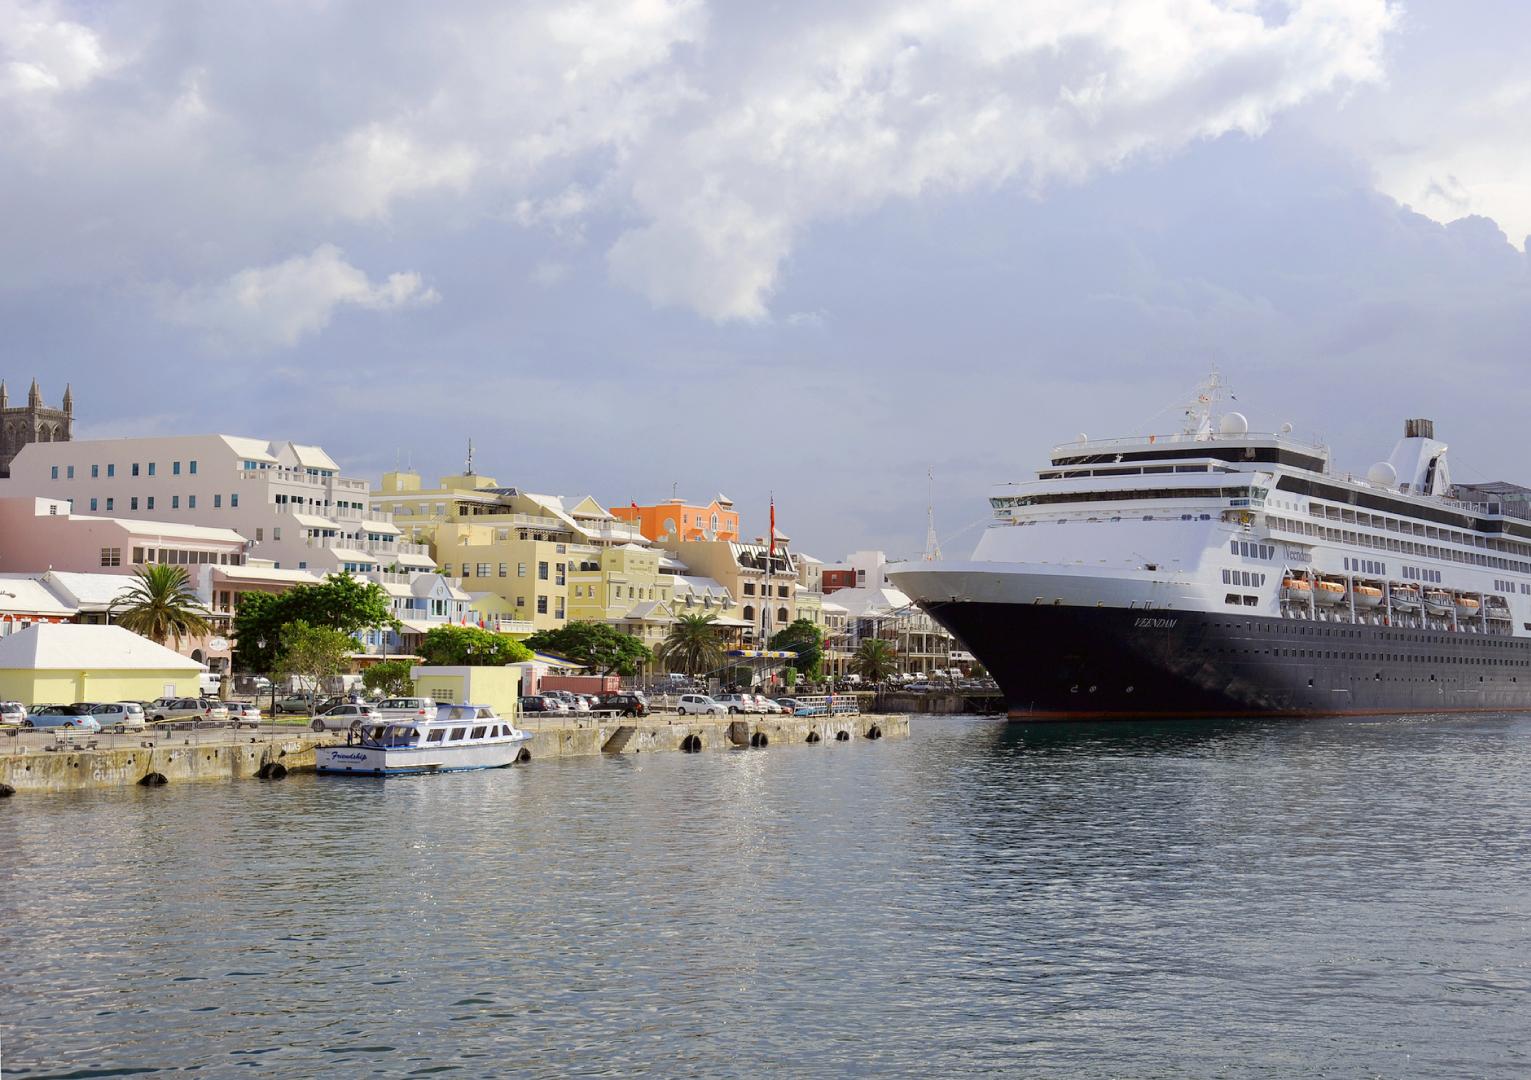 Hamilton Cruise Ship Terminal